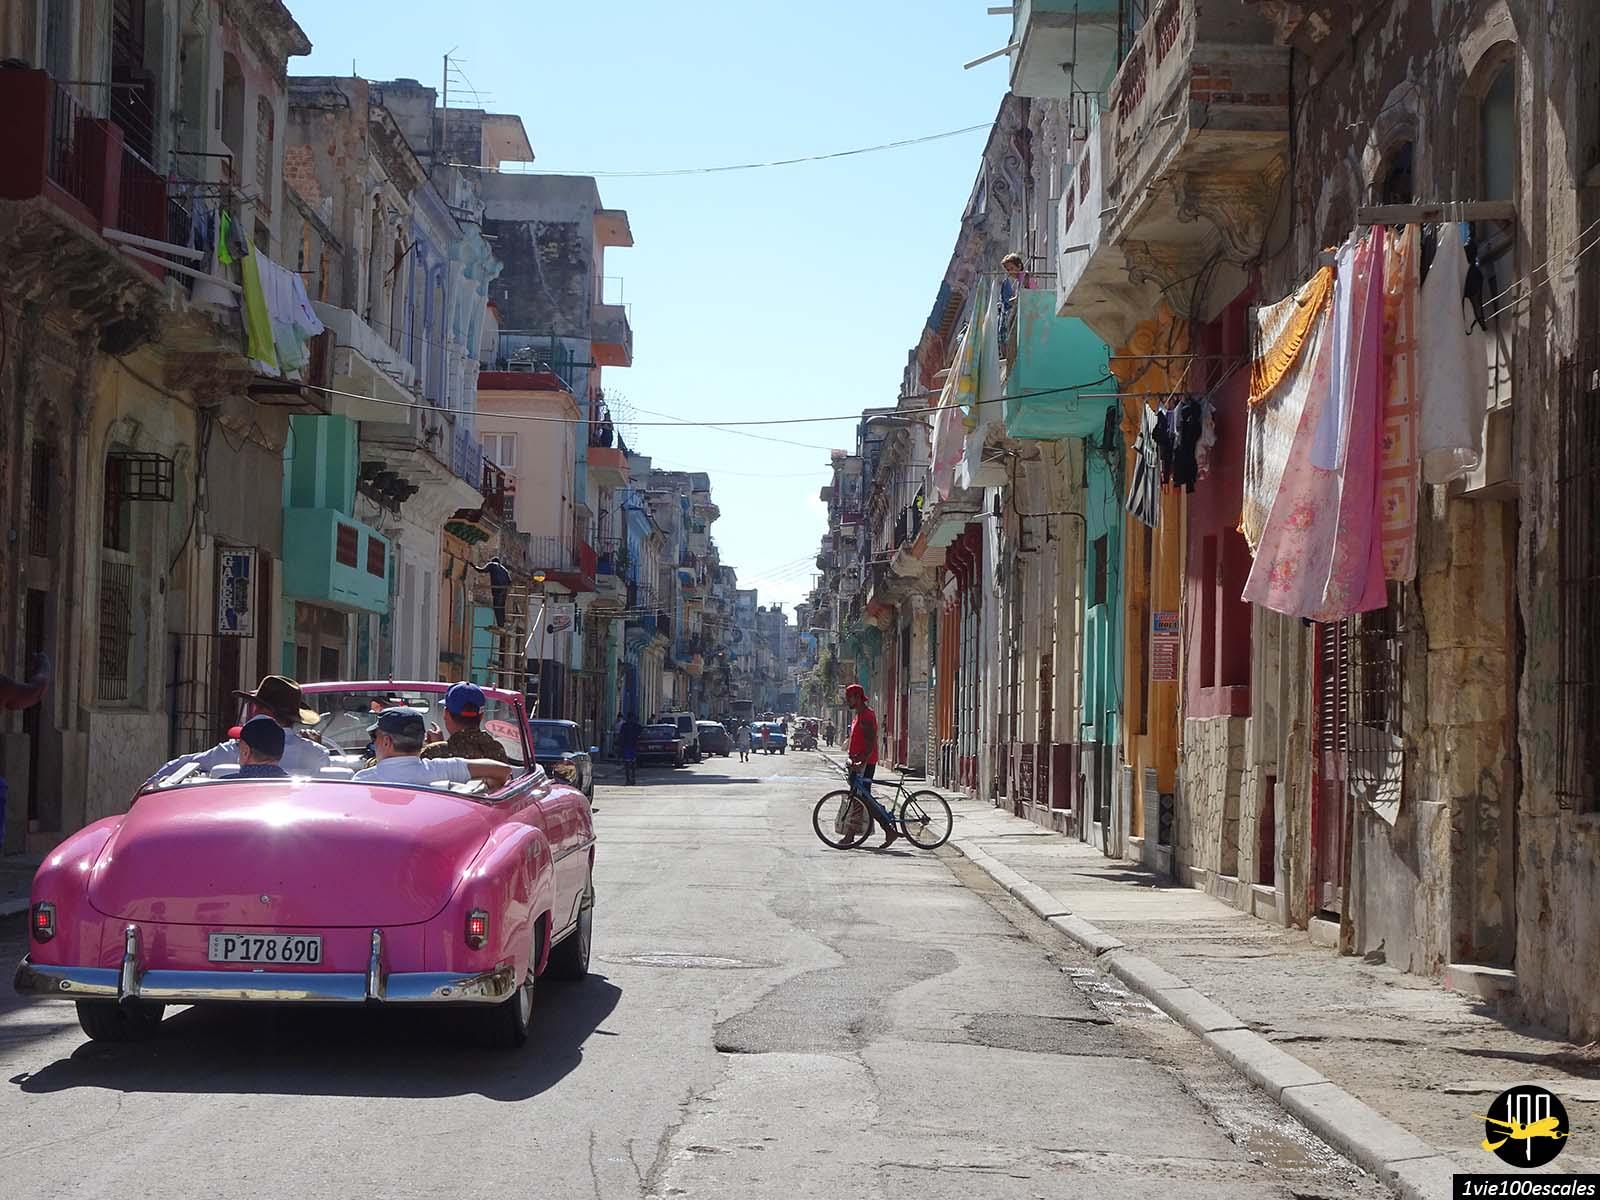 Visite de la ville de La Havane à bord d'une vieille voiture américaine